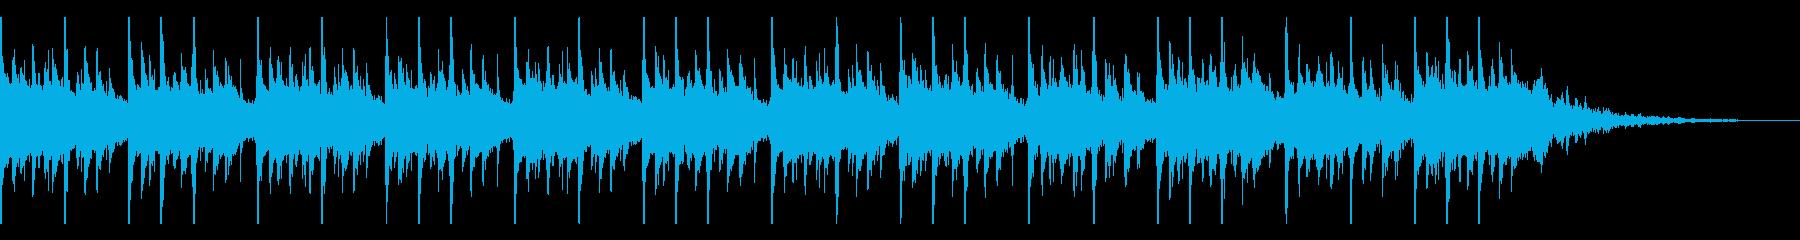 ラマダンバイラム(30秒)の再生済みの波形